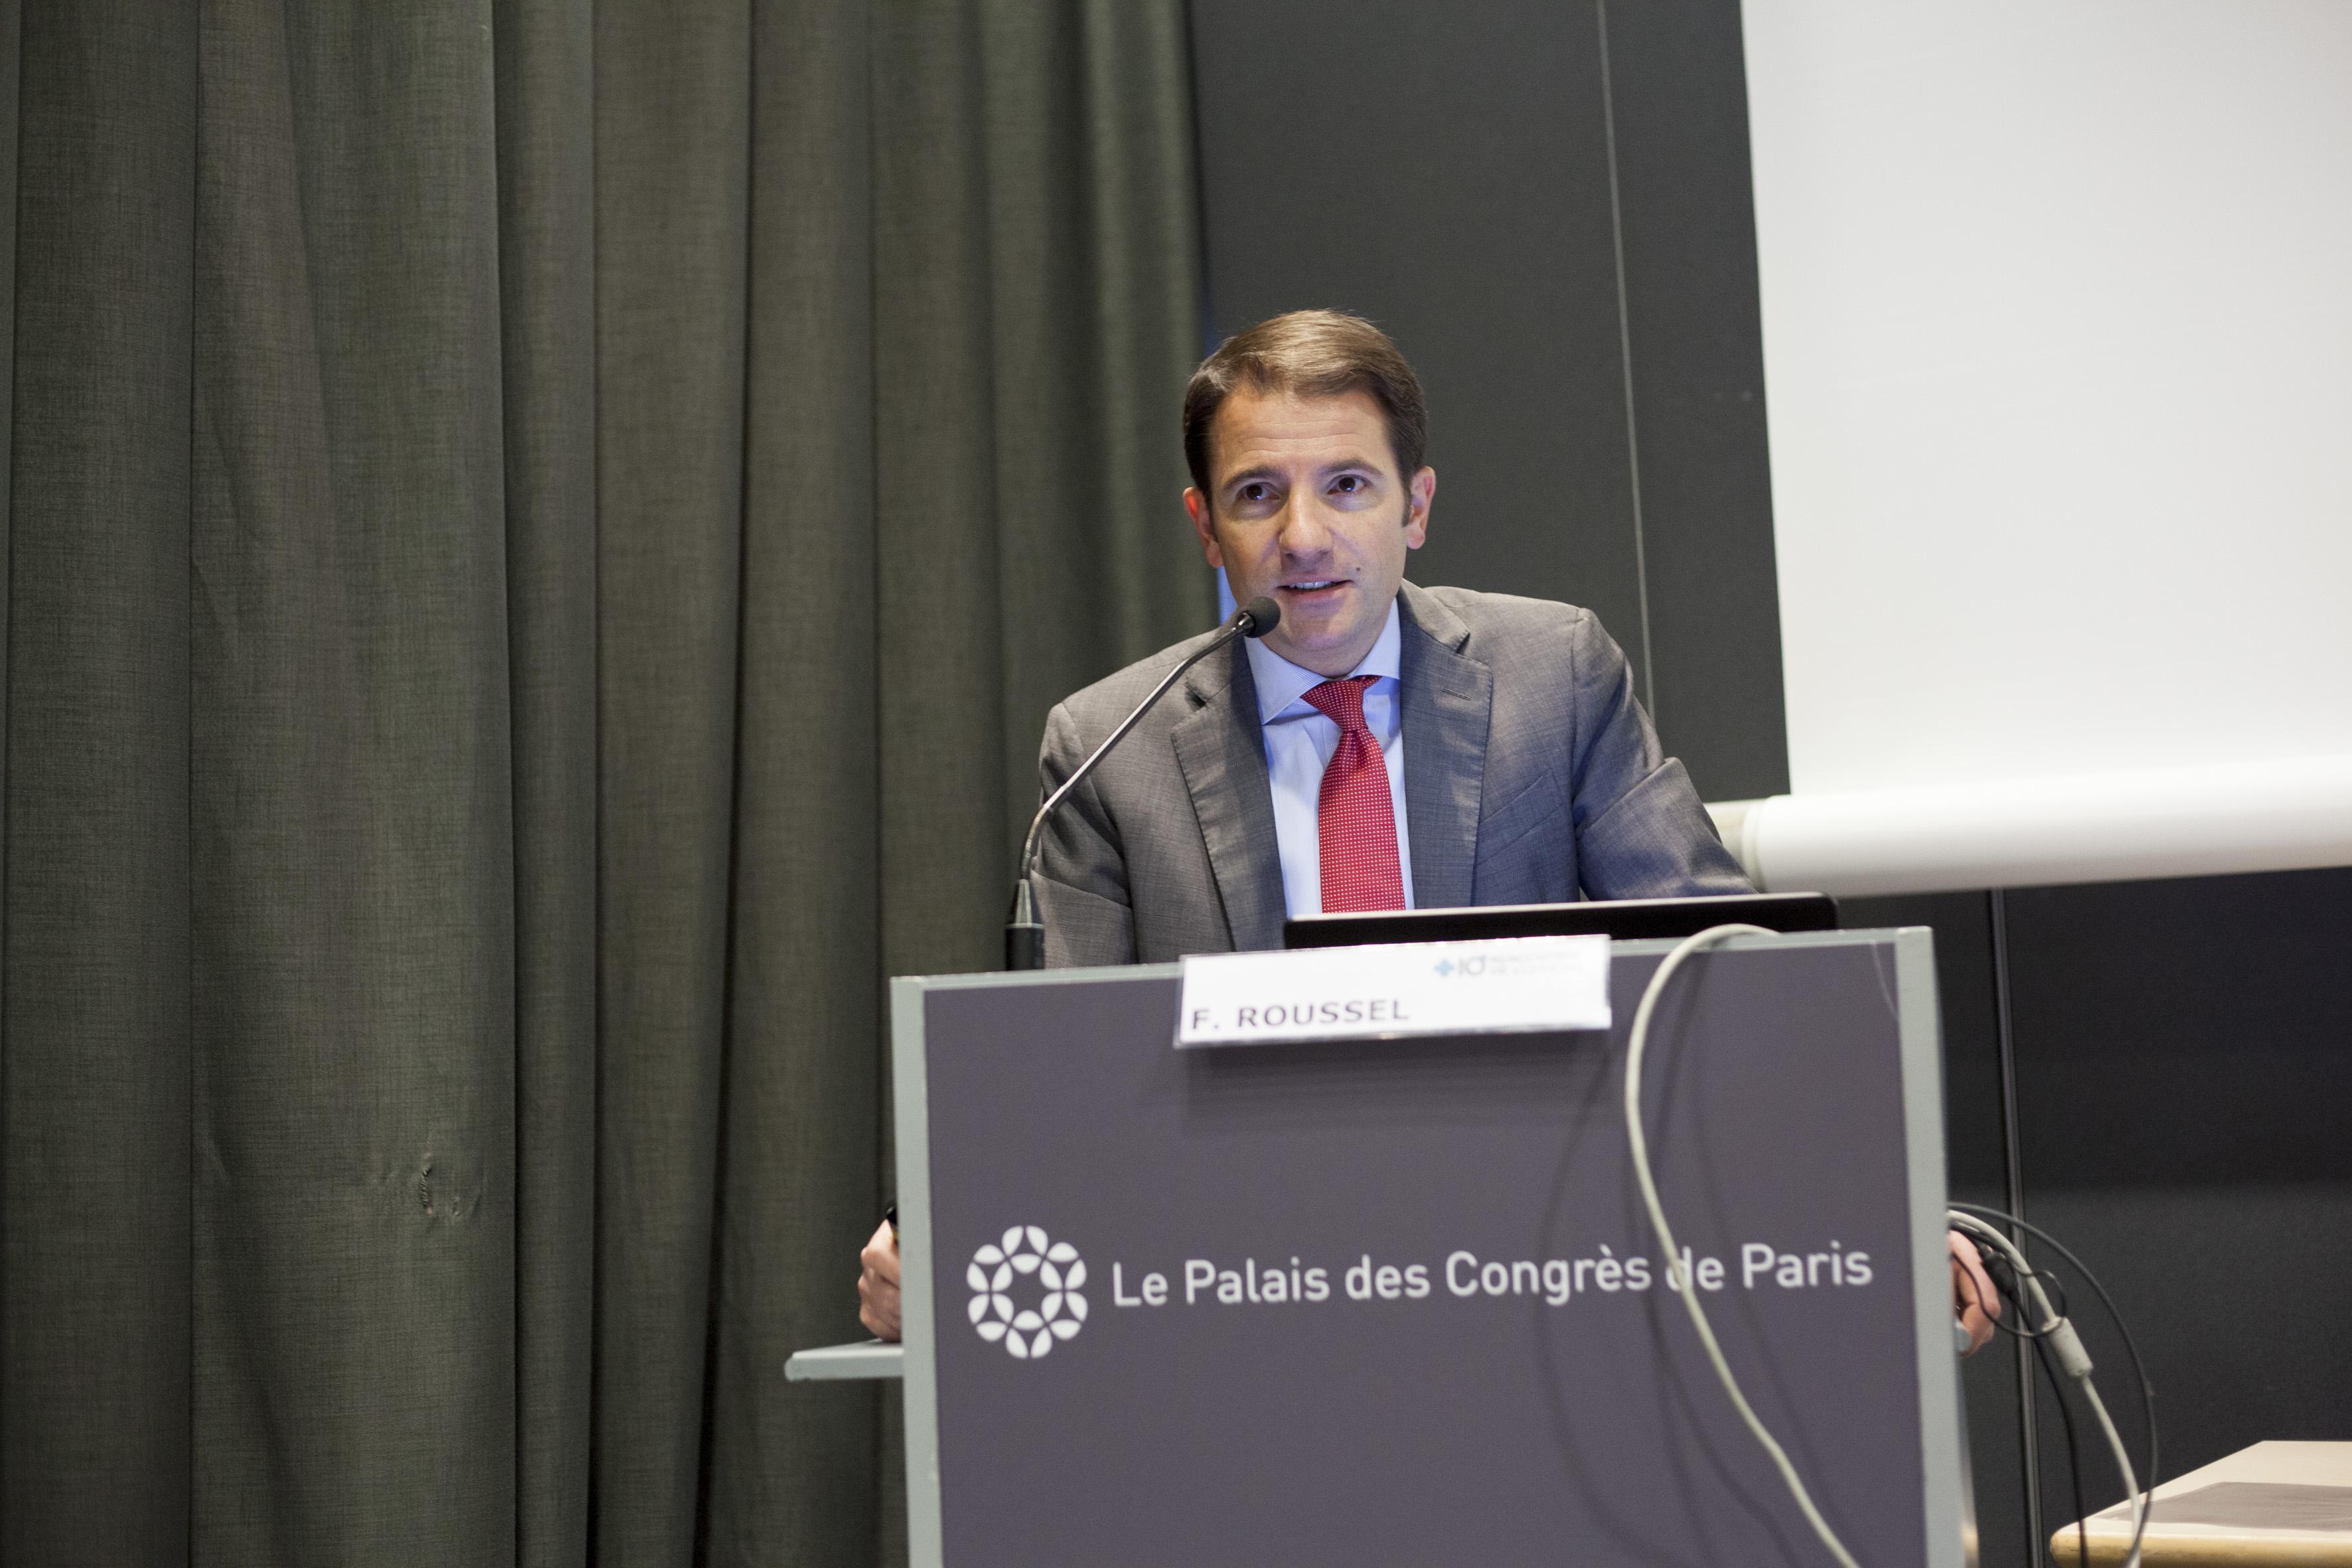 Les 10 èmes rencontres de l'officine au palais des congrès de Paris pour Expressins média. Mars 2017